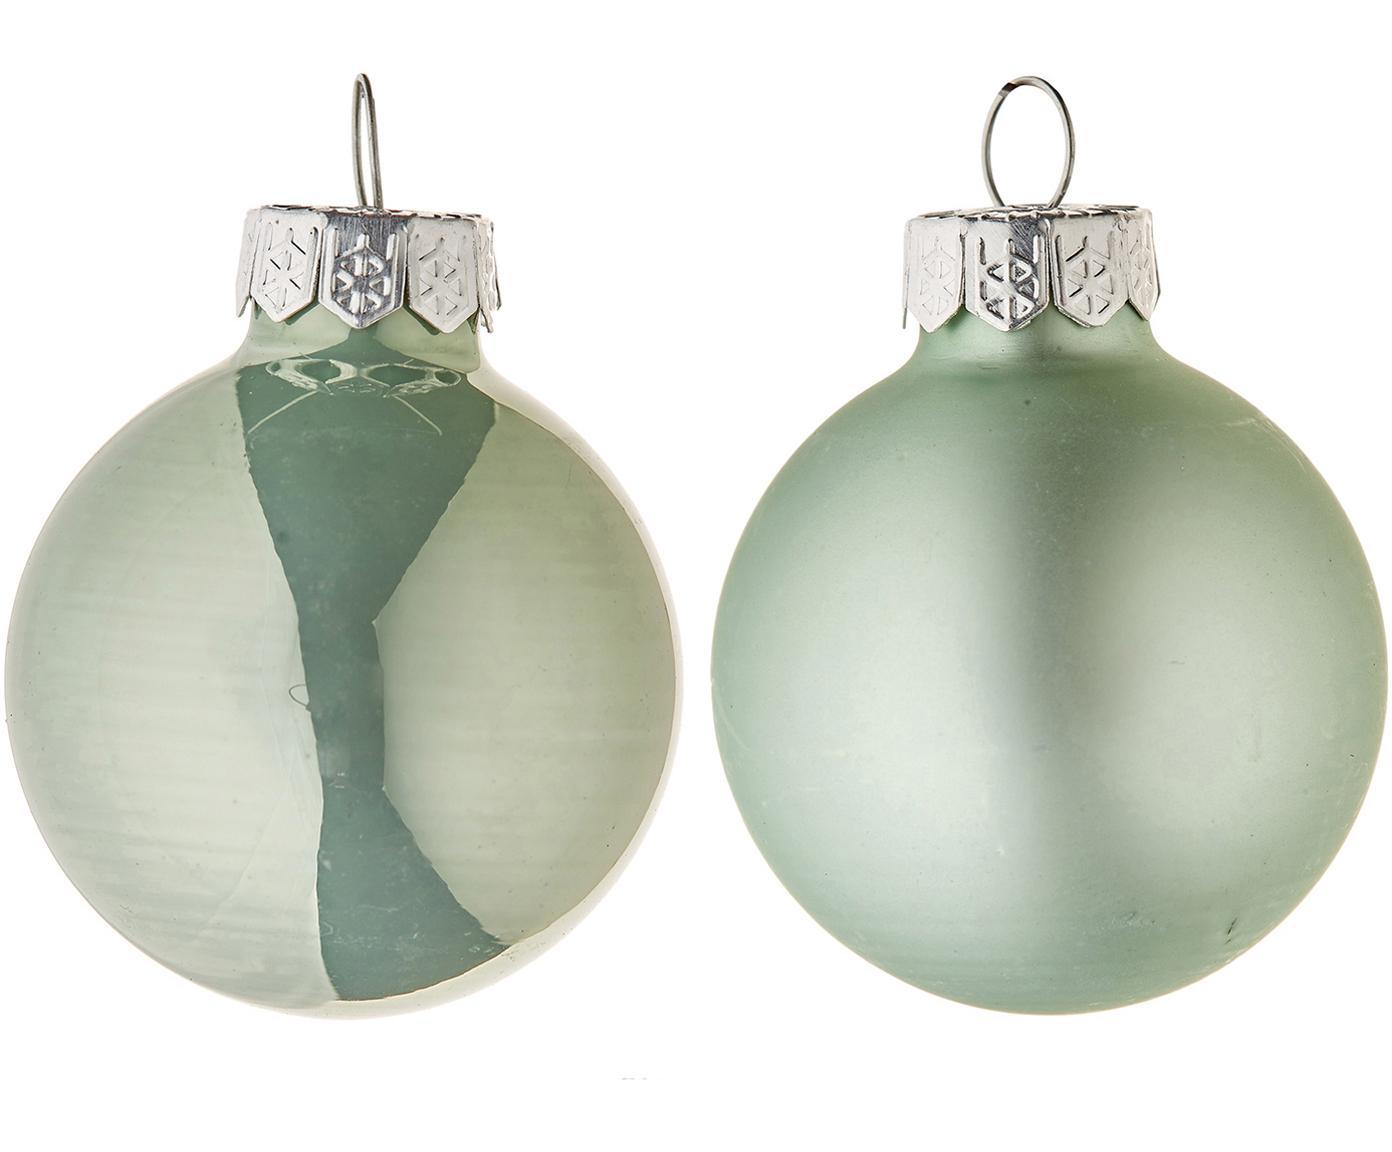 Mini-Weihnachtskugel-Set EvergreenØ4cm, 16-tlg., Grün, Ø 4 cm